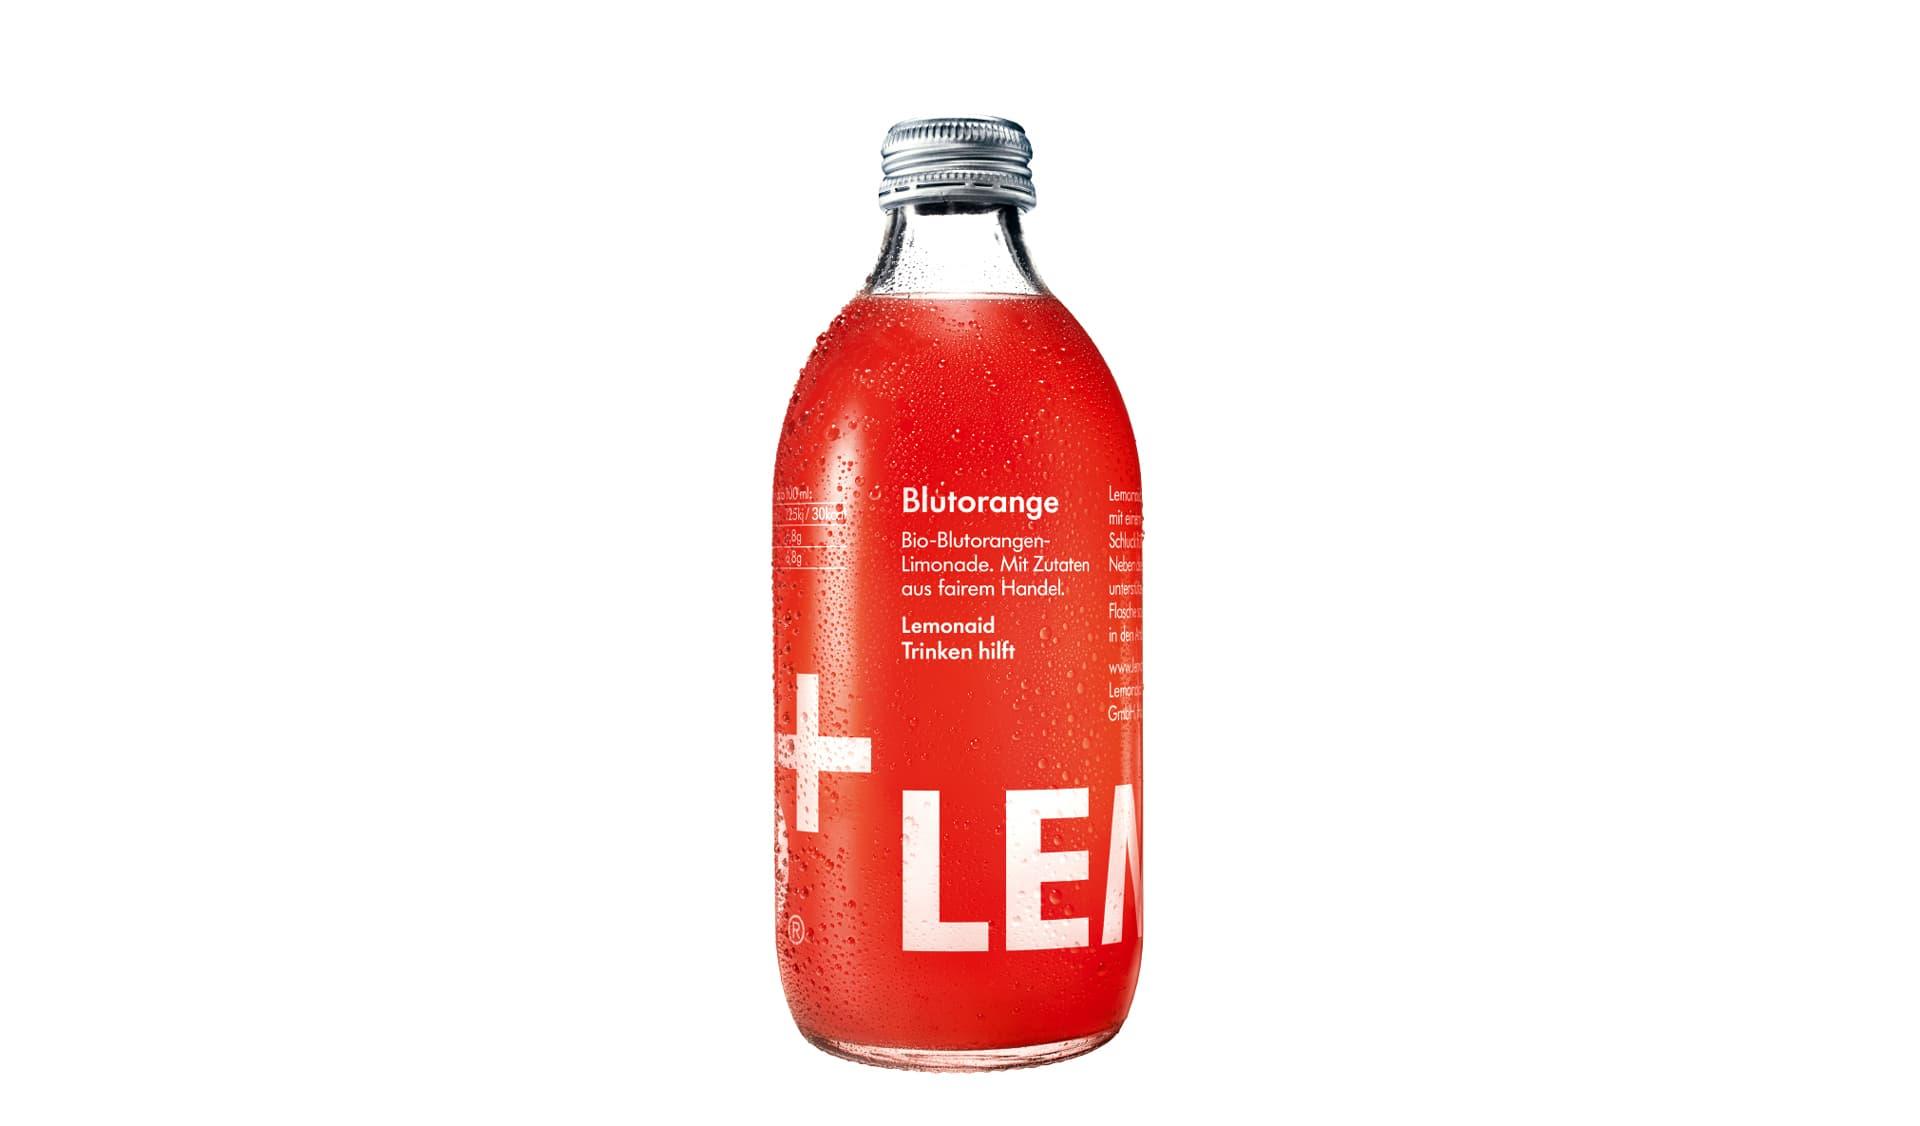 Lemonaid Blutorange (www.lemon-aid.de)